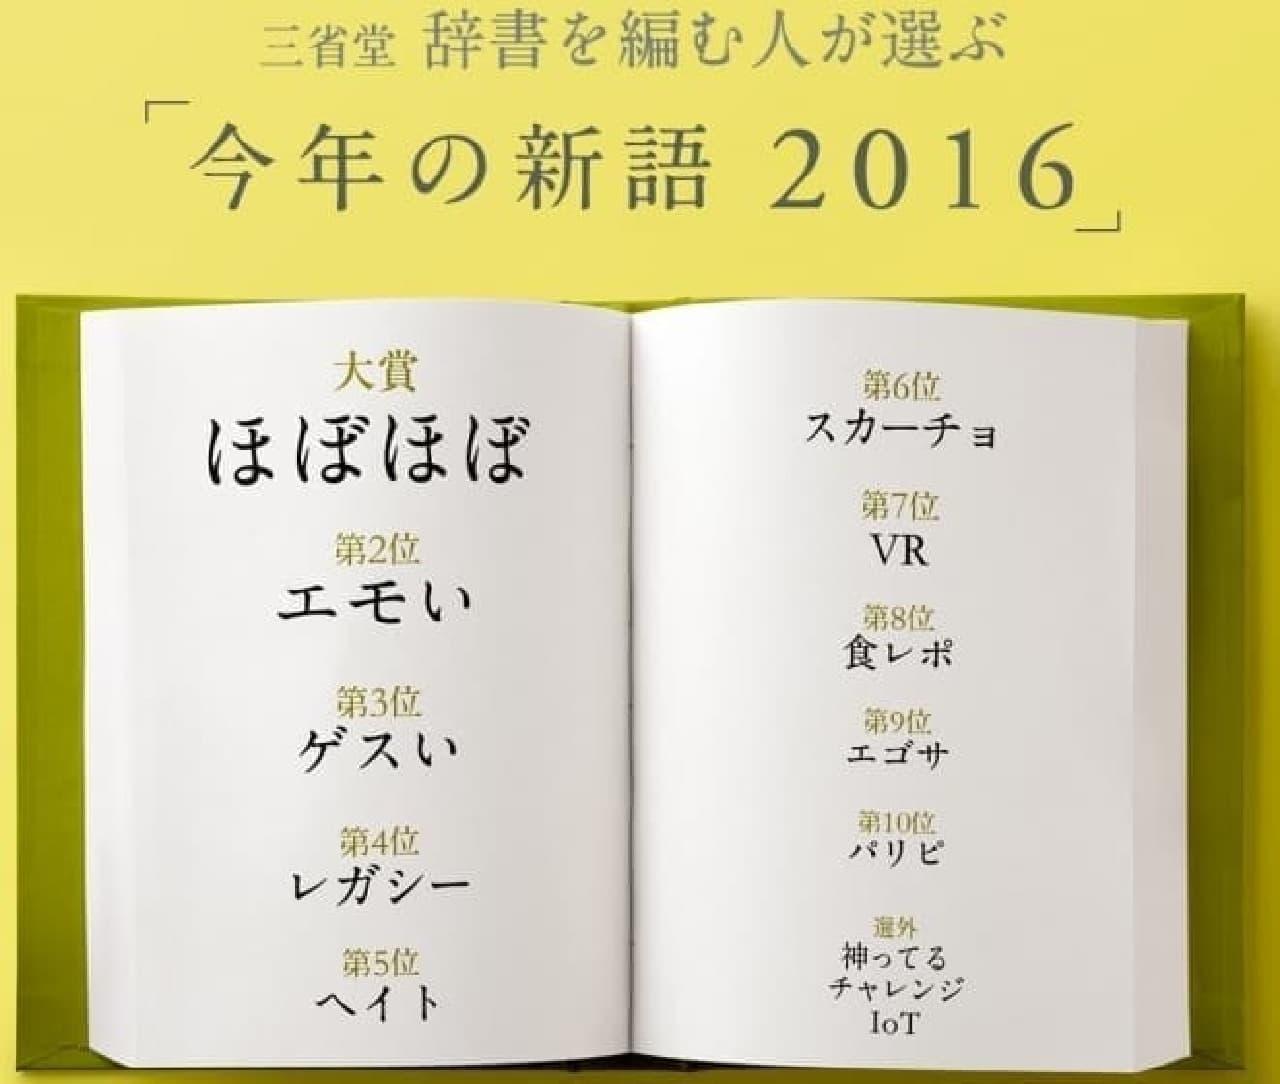 大賞は「ほぼほぼ」…三省堂の選ぶ「今年の新語2016」